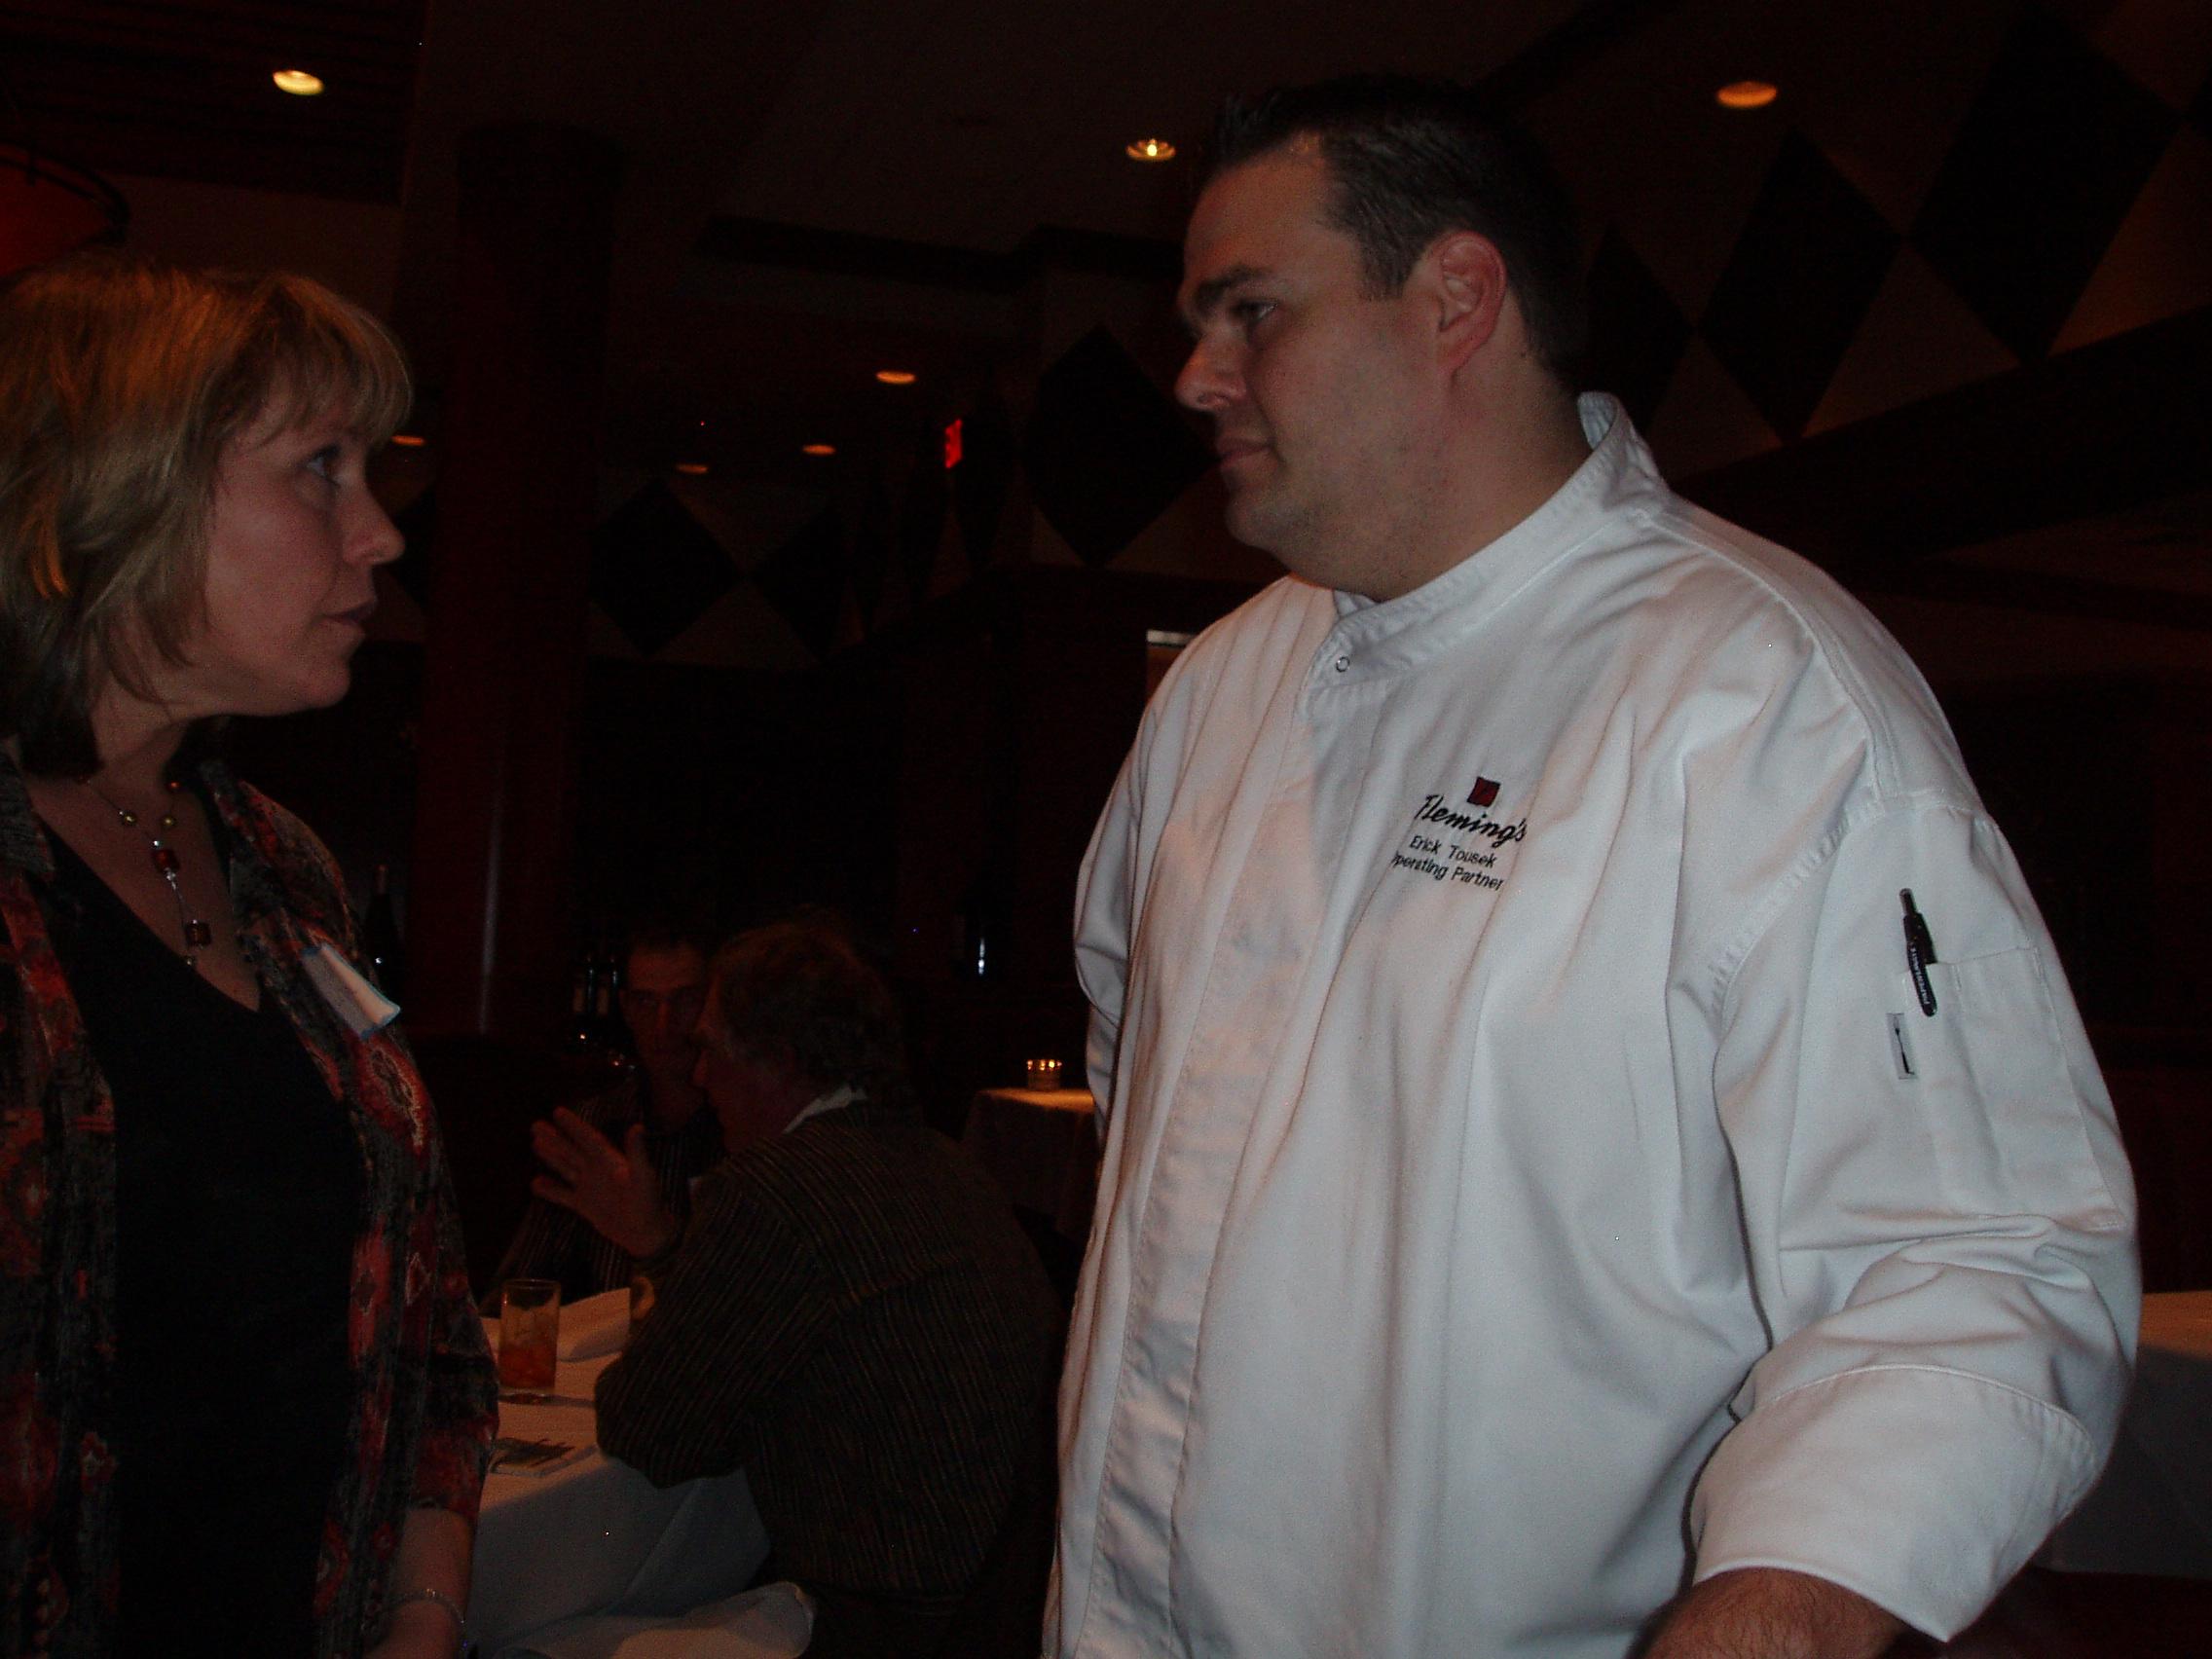 Jeri & chef Flemmings 11:07.jpg